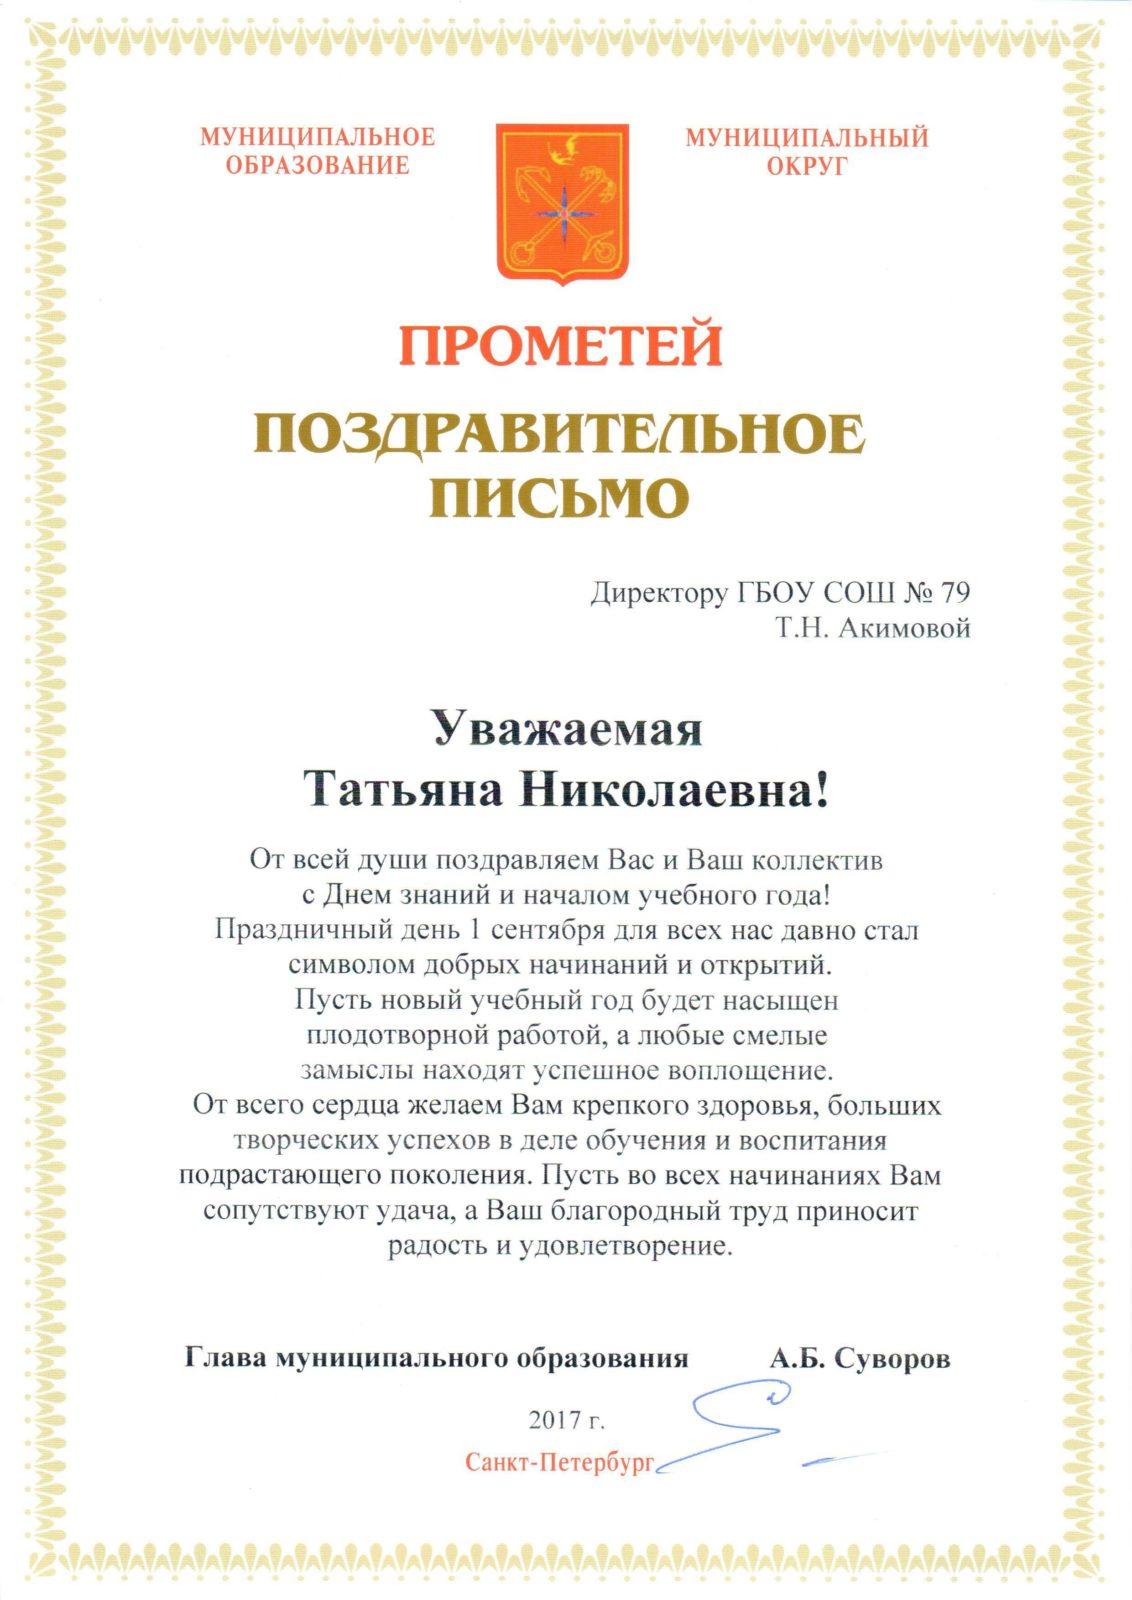 Поздравление муниципальному образованию 1